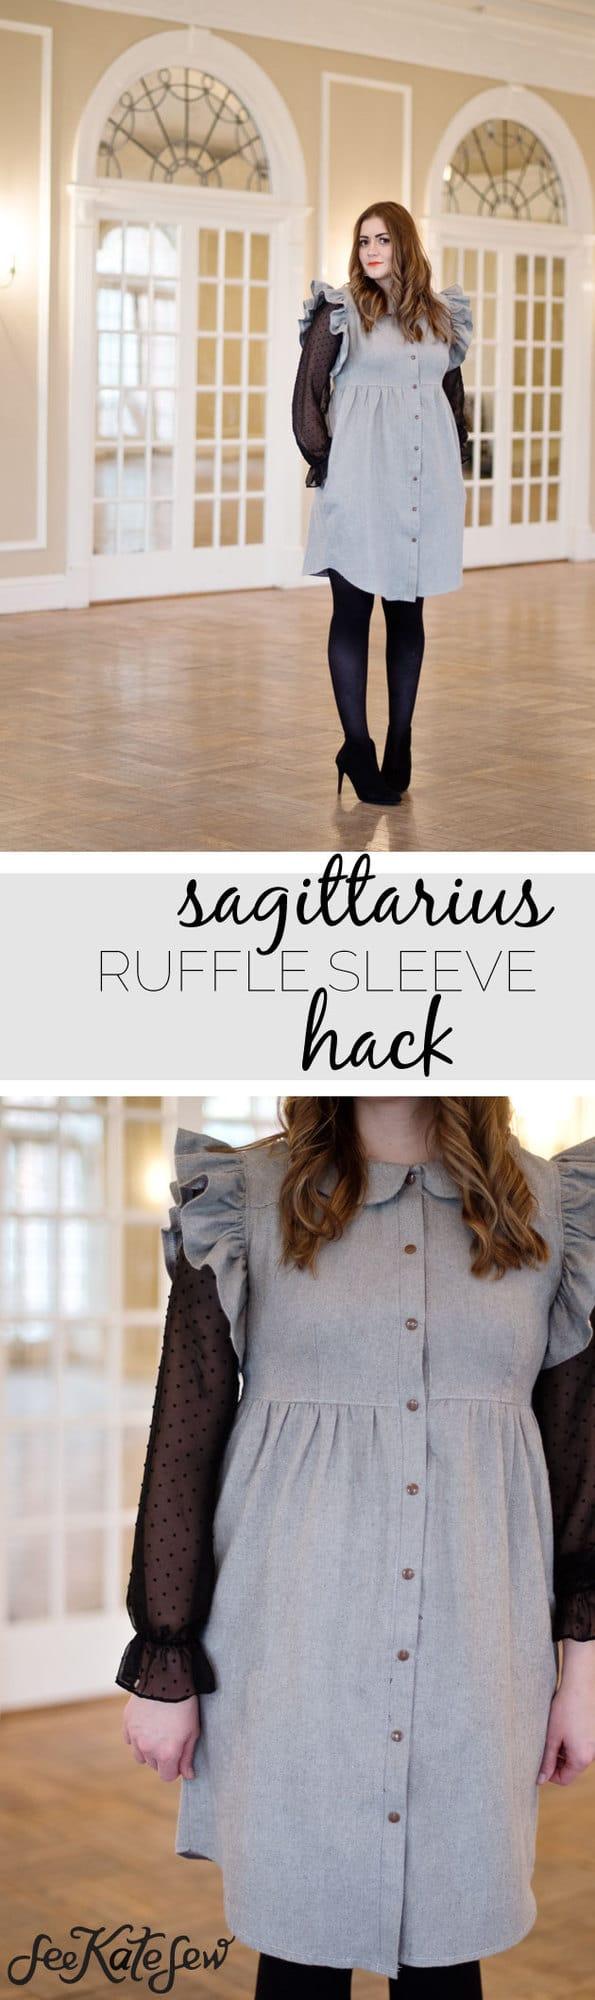 Sagittarius Ruffle Sleeve Hack | See Kate Sew